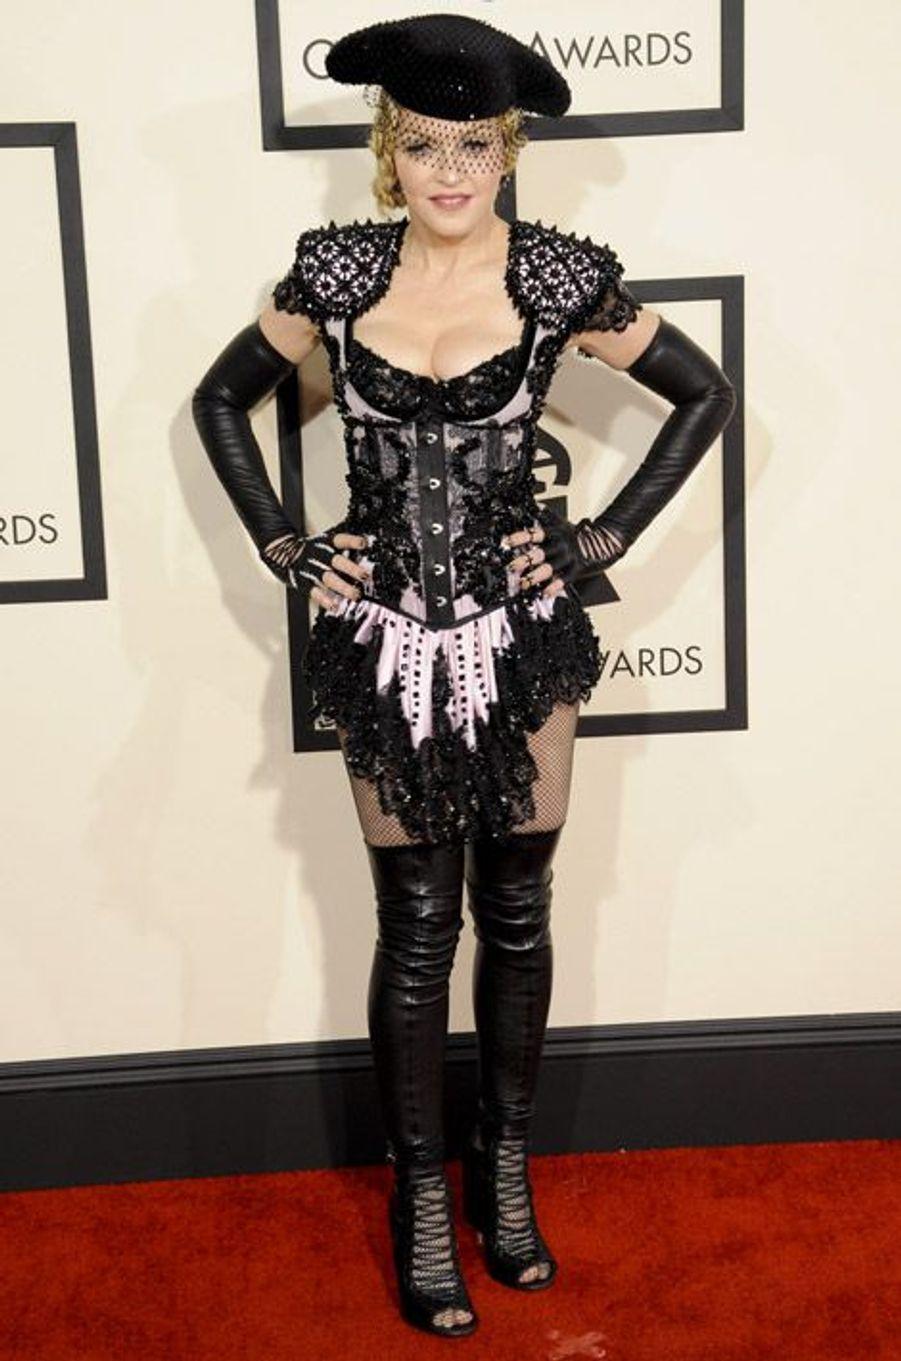 La chanteuse Madonna est une grande adepte des corsets